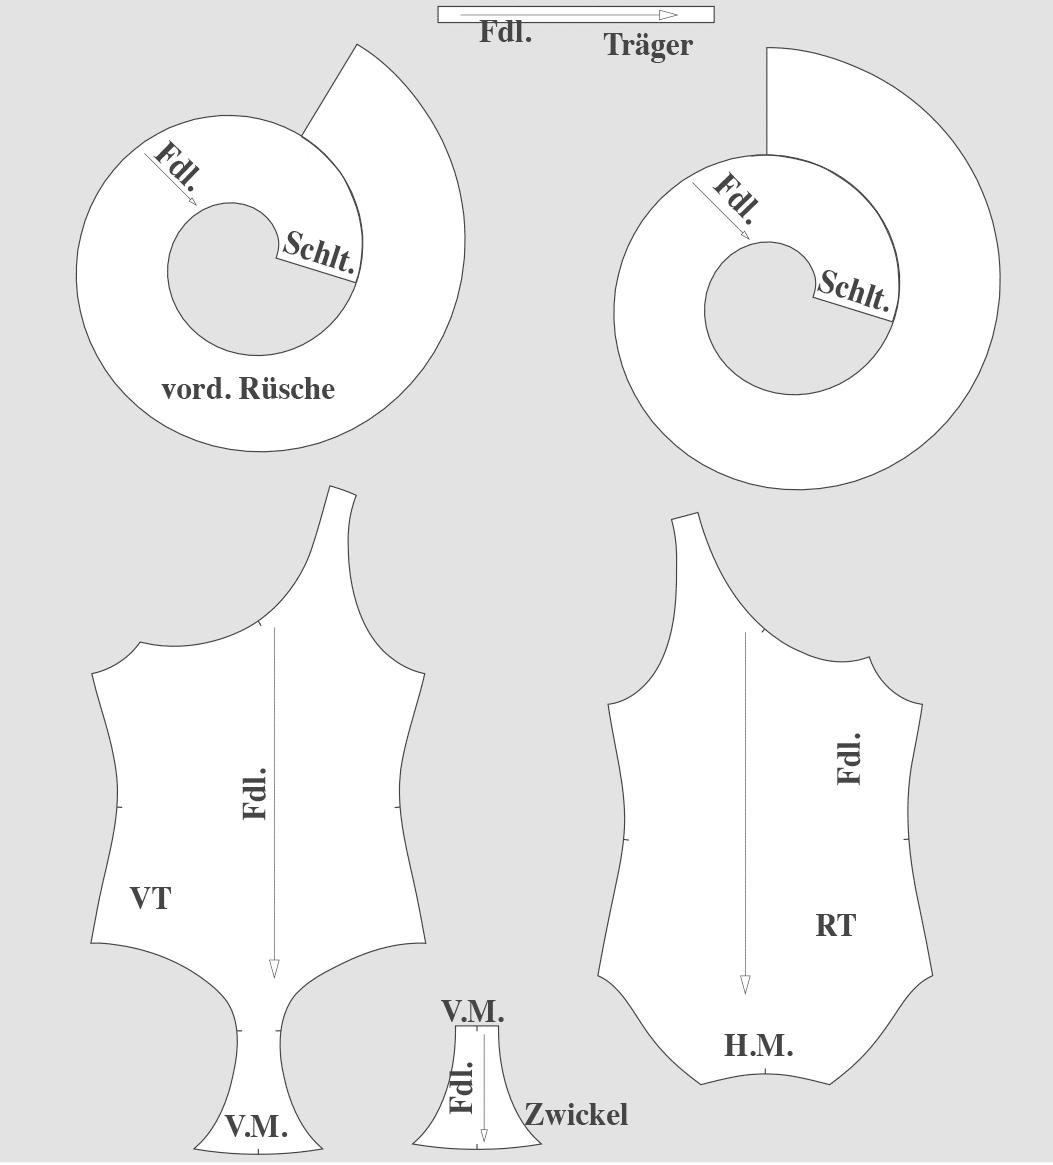 Zeigt die Schnitttechnik eines Badeanzuges für Mädchen.